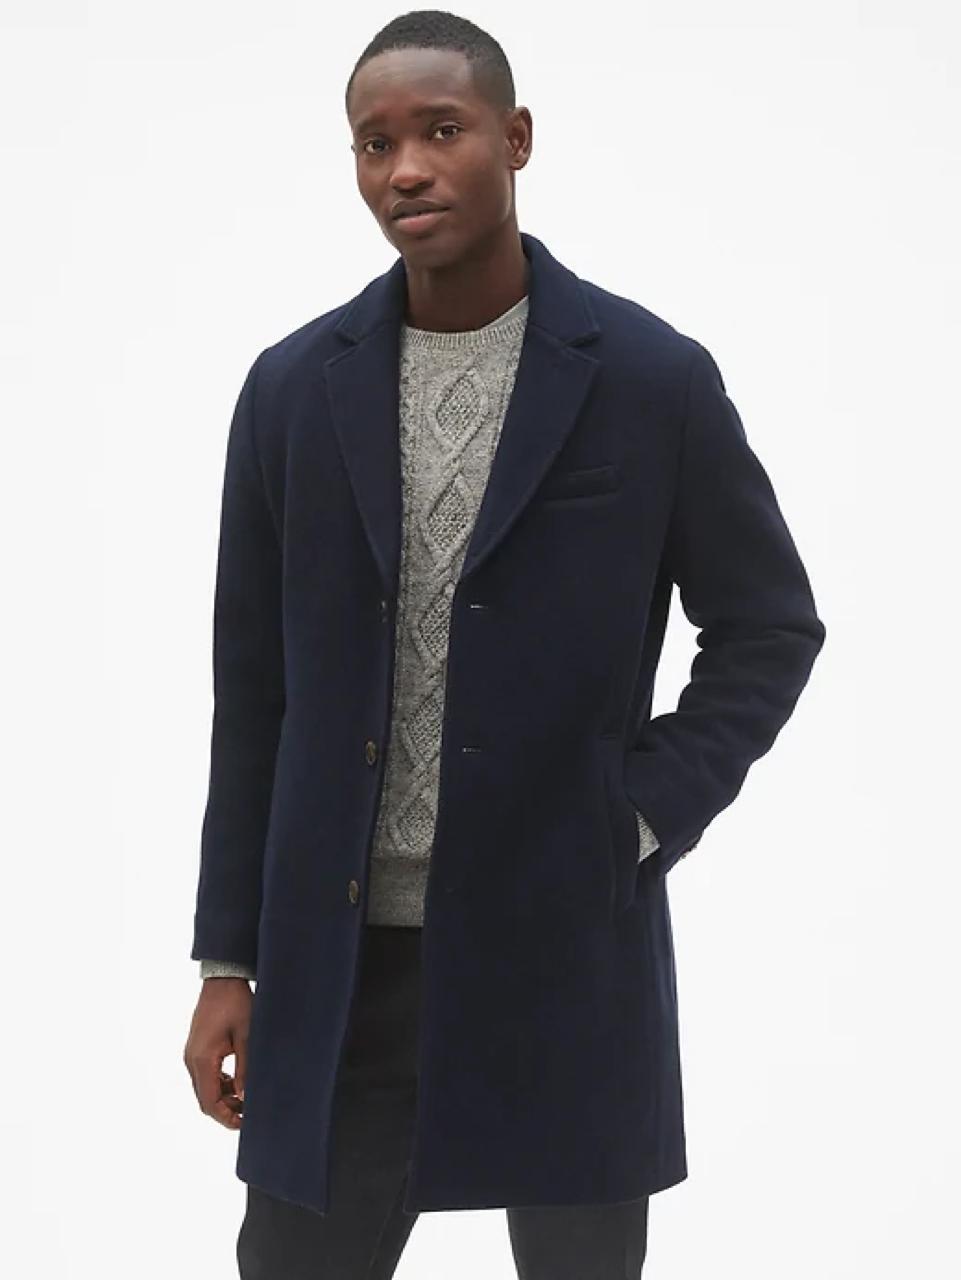 [GAP/갭] 남성 코트Wool Blend Topcoat 울 혼방 코트 새제품 Navy S사이즈 남성 코트 판매